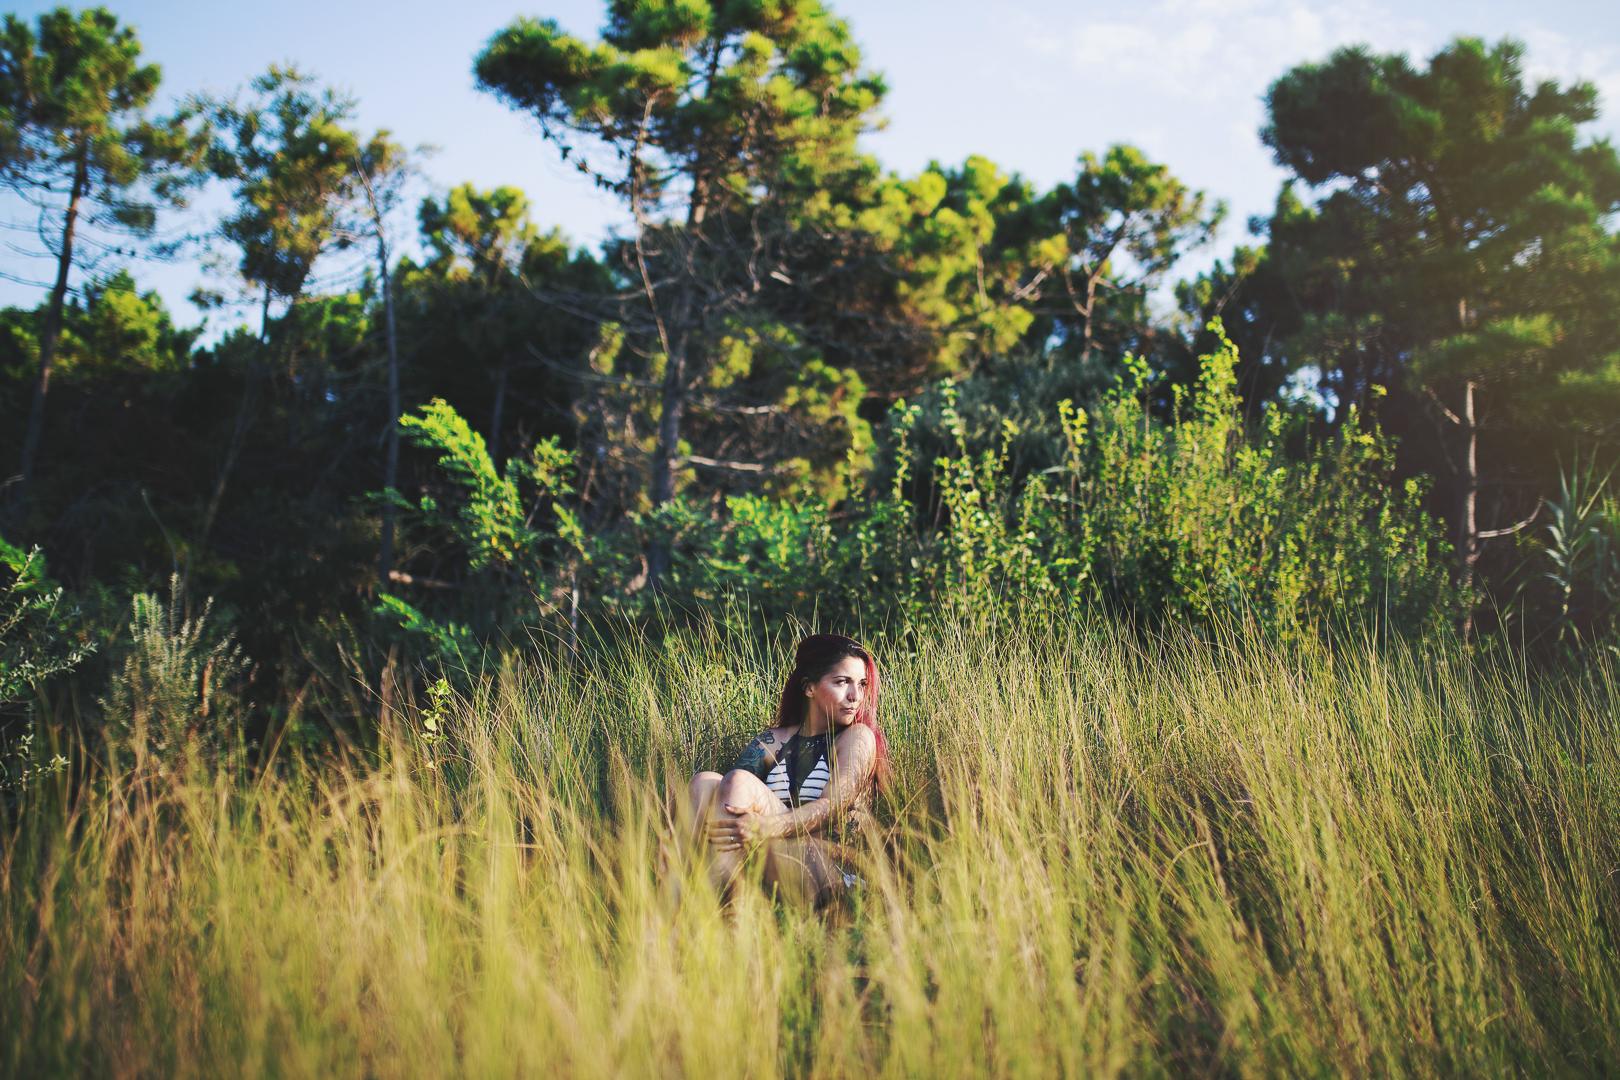 shana fotografa professionista di treviso racconta storie al femminile, parla di corpi, cicatrici, in modo sensuale, ma mai volgare. Prenota il tuo servizio fotografico di ritratto e boudoir